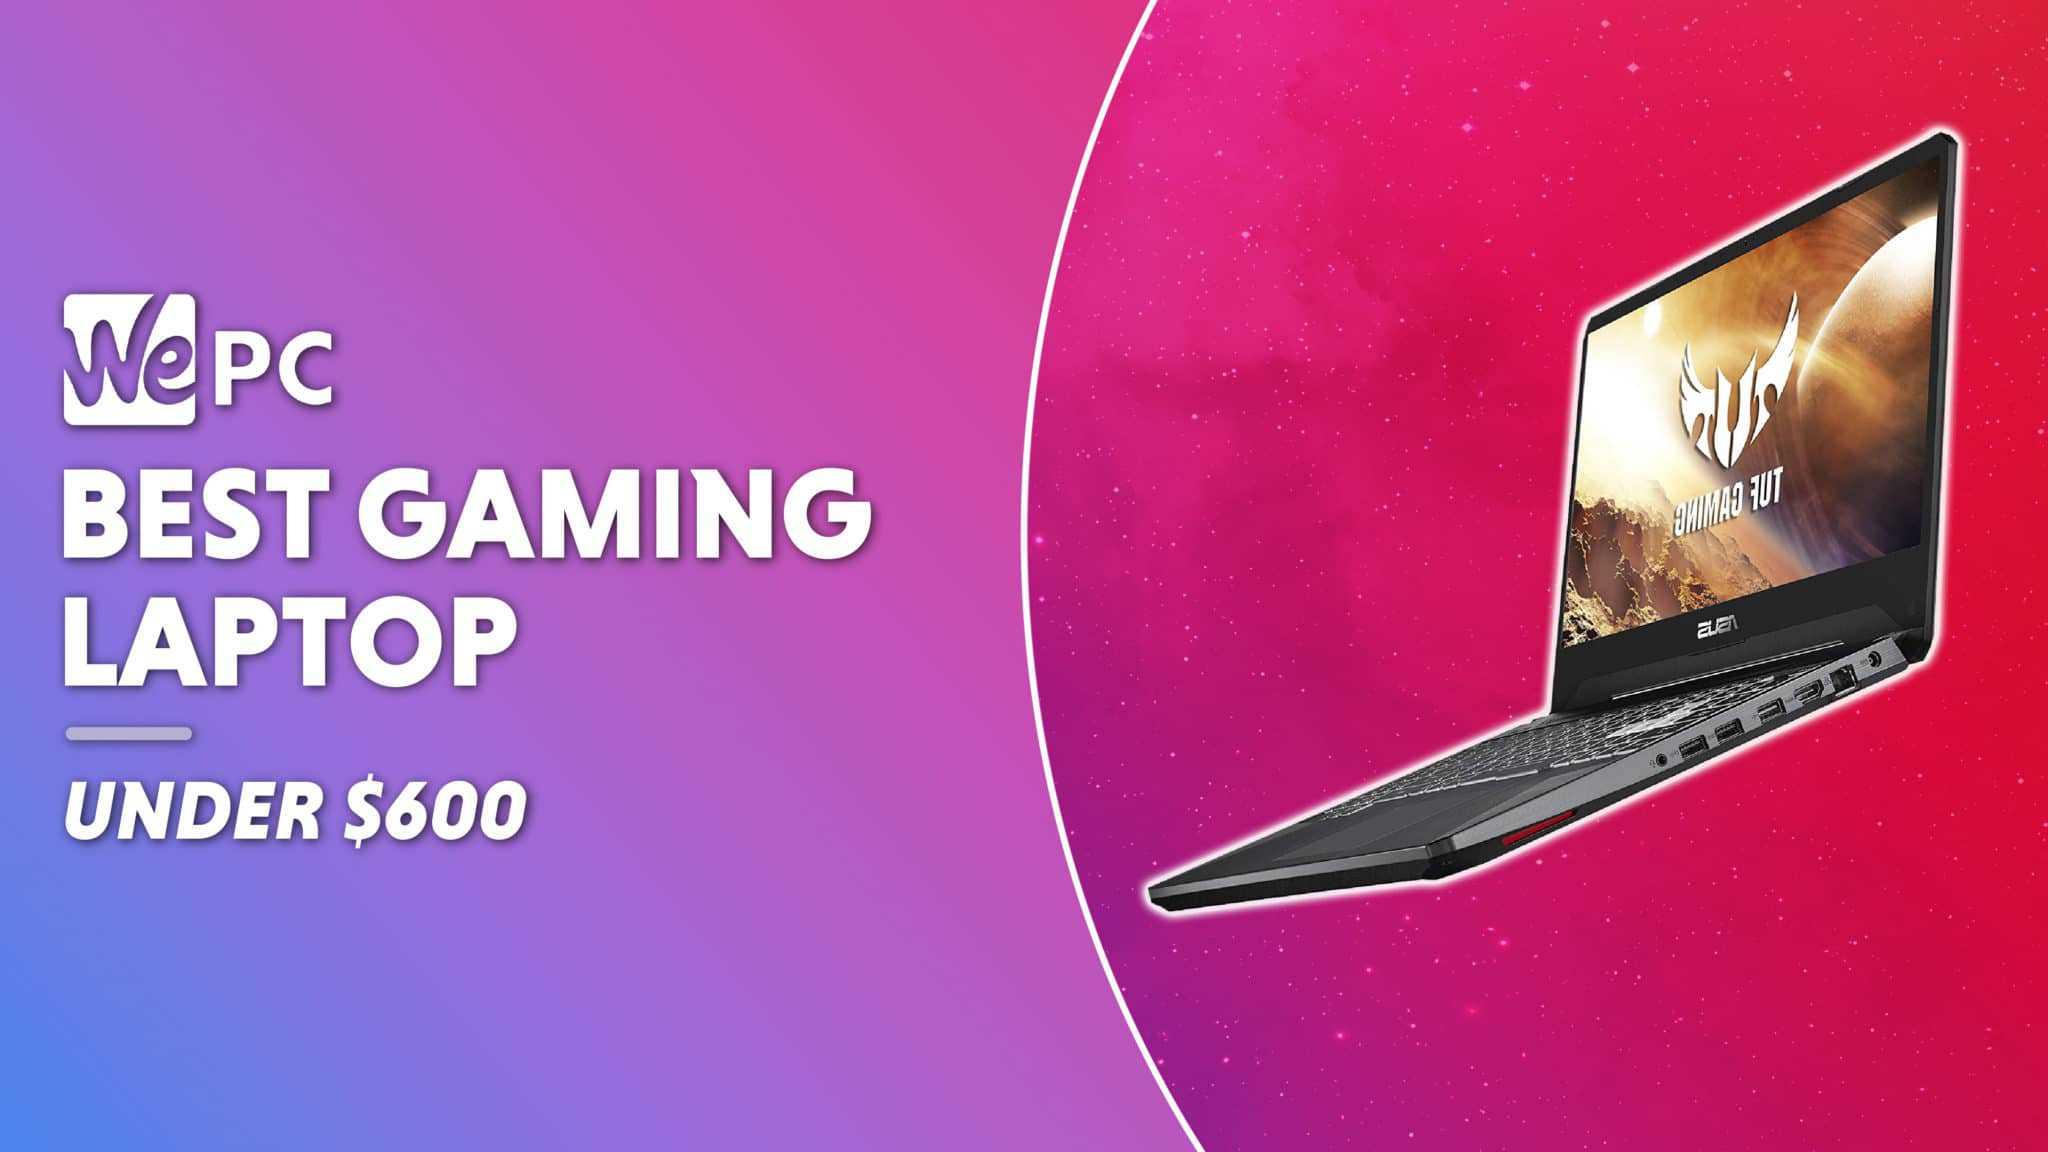 WEPC Best laptop under 600 Featured image 01 1